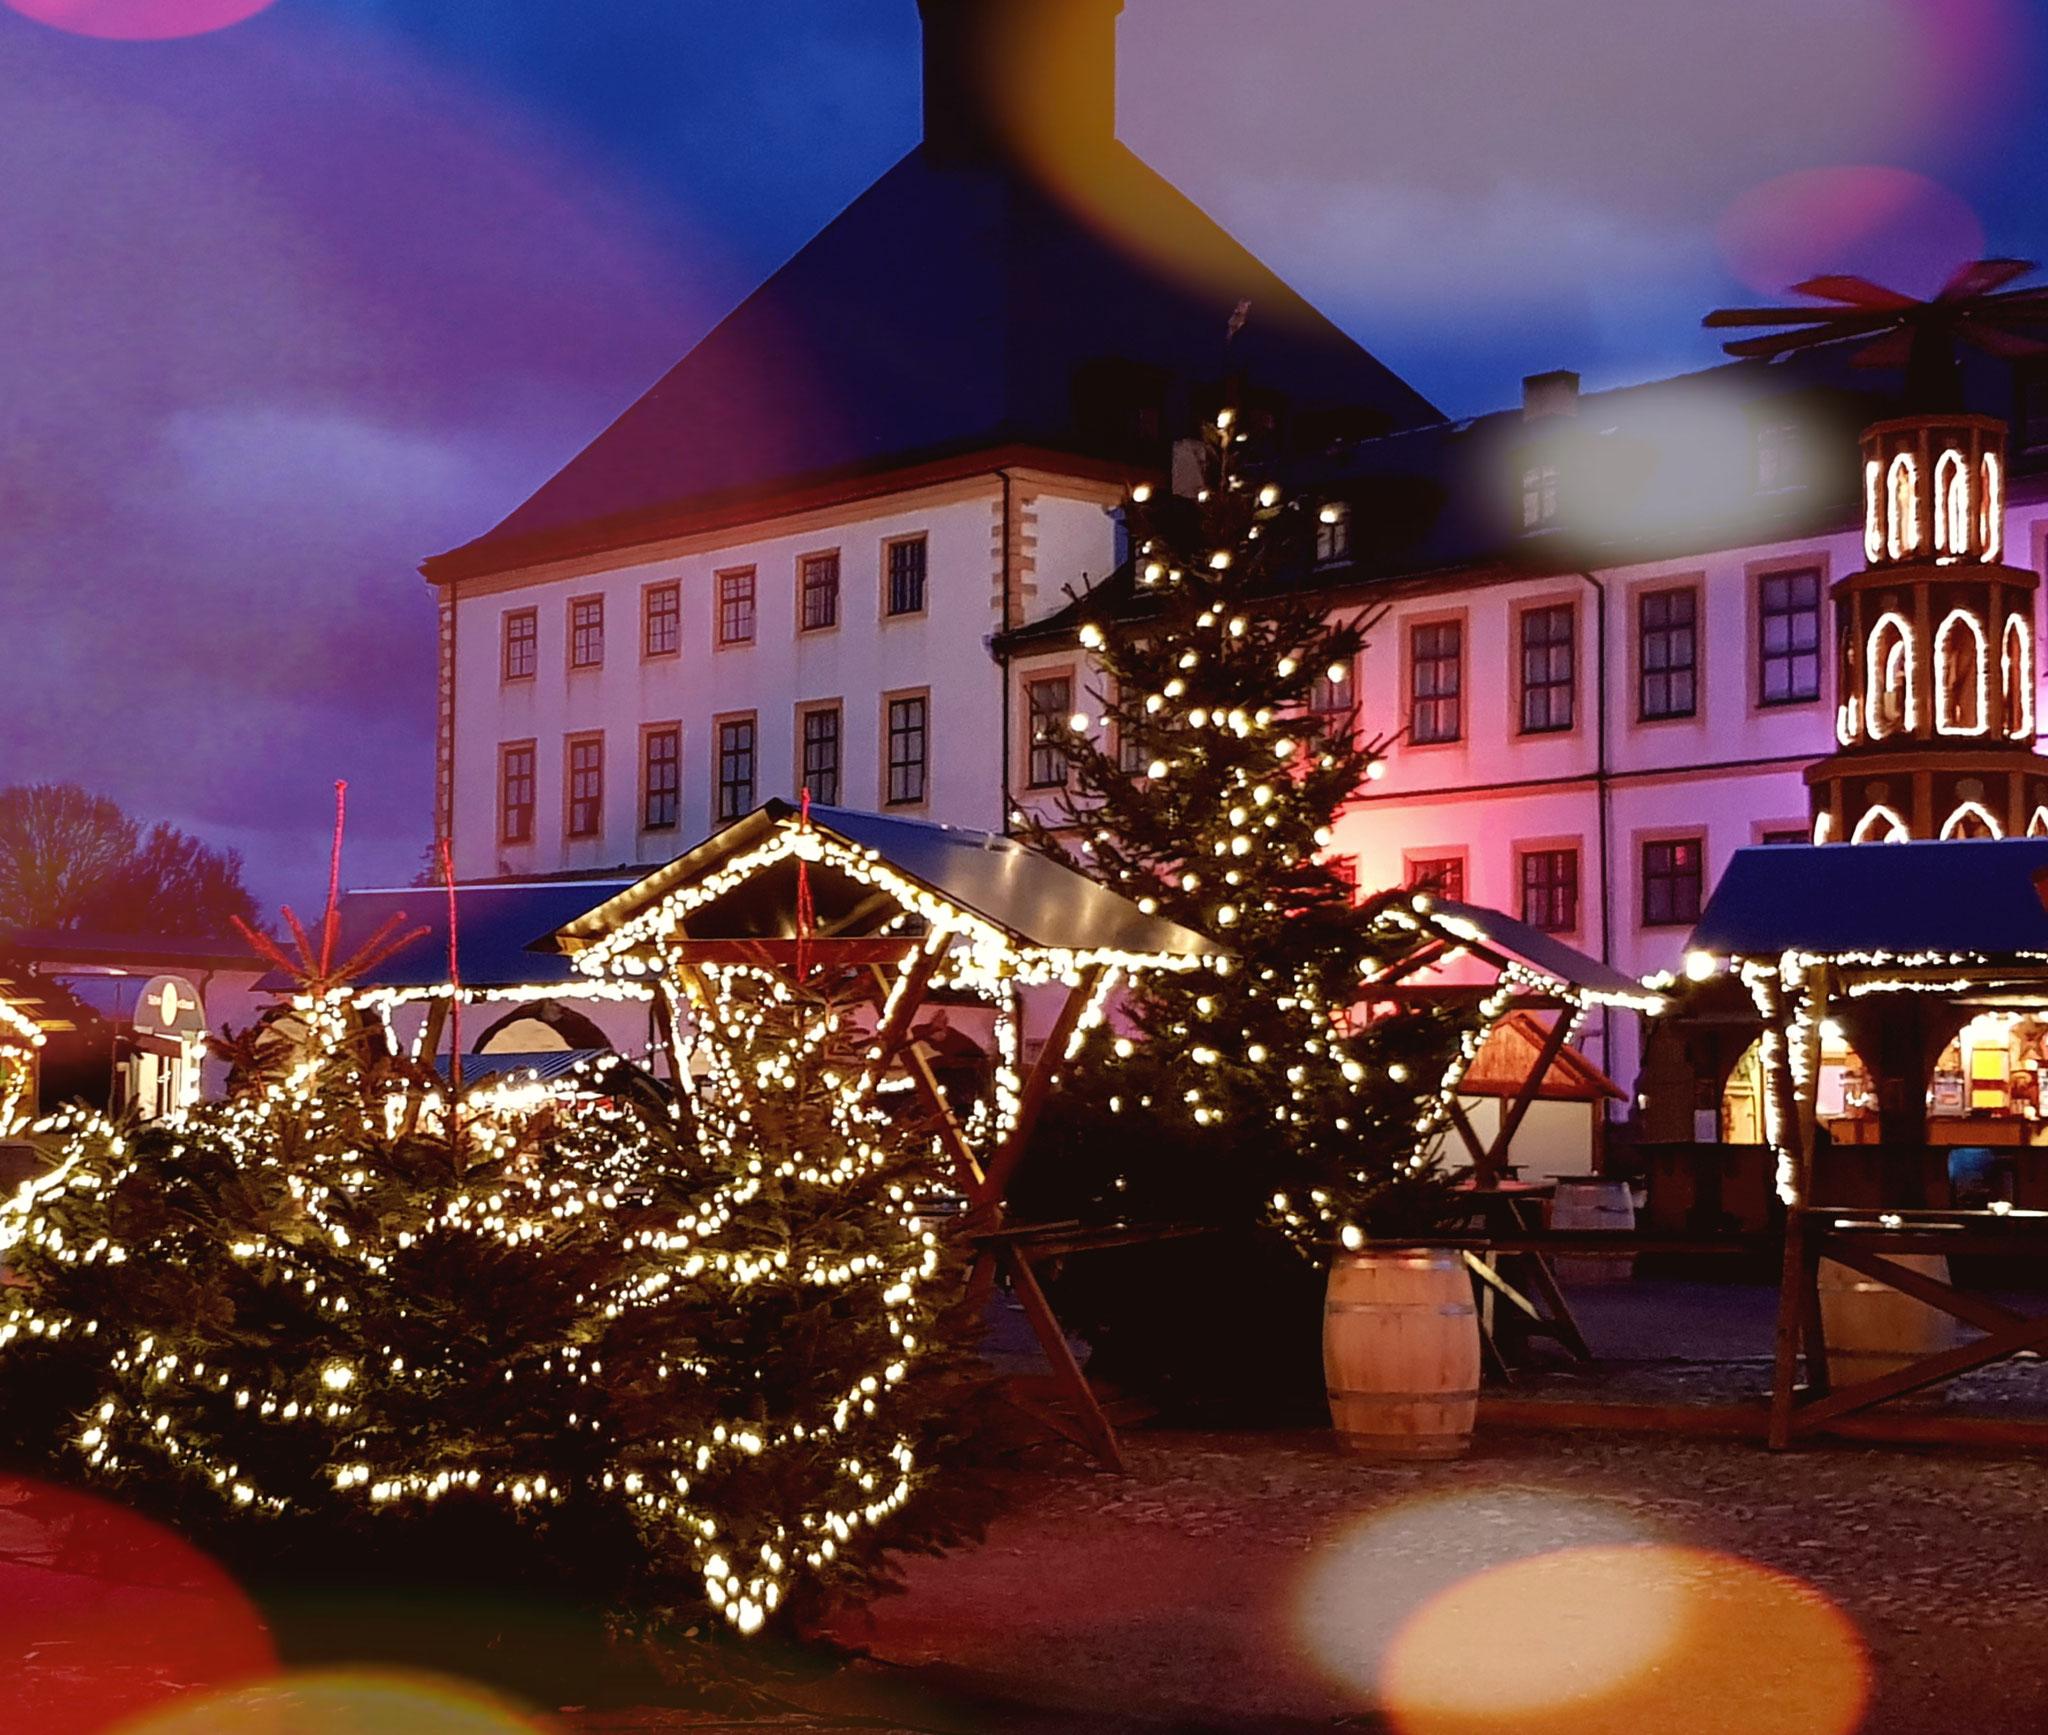 Weihnachtsmarkt auf Schloß Friedenstein